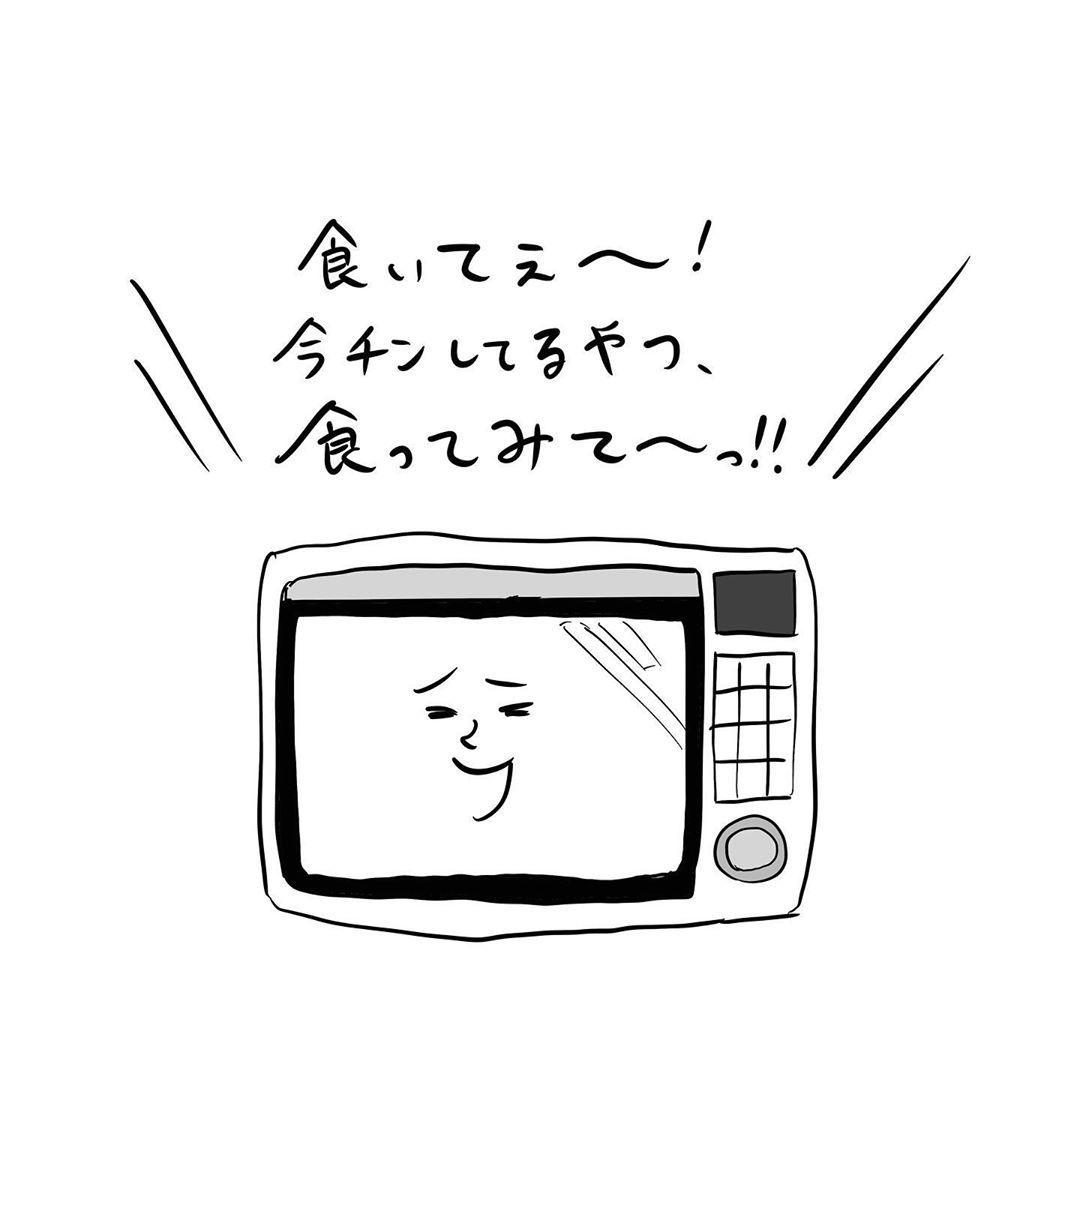 iiazishichuu_88281144_216365499421183_8032018900436803974_n